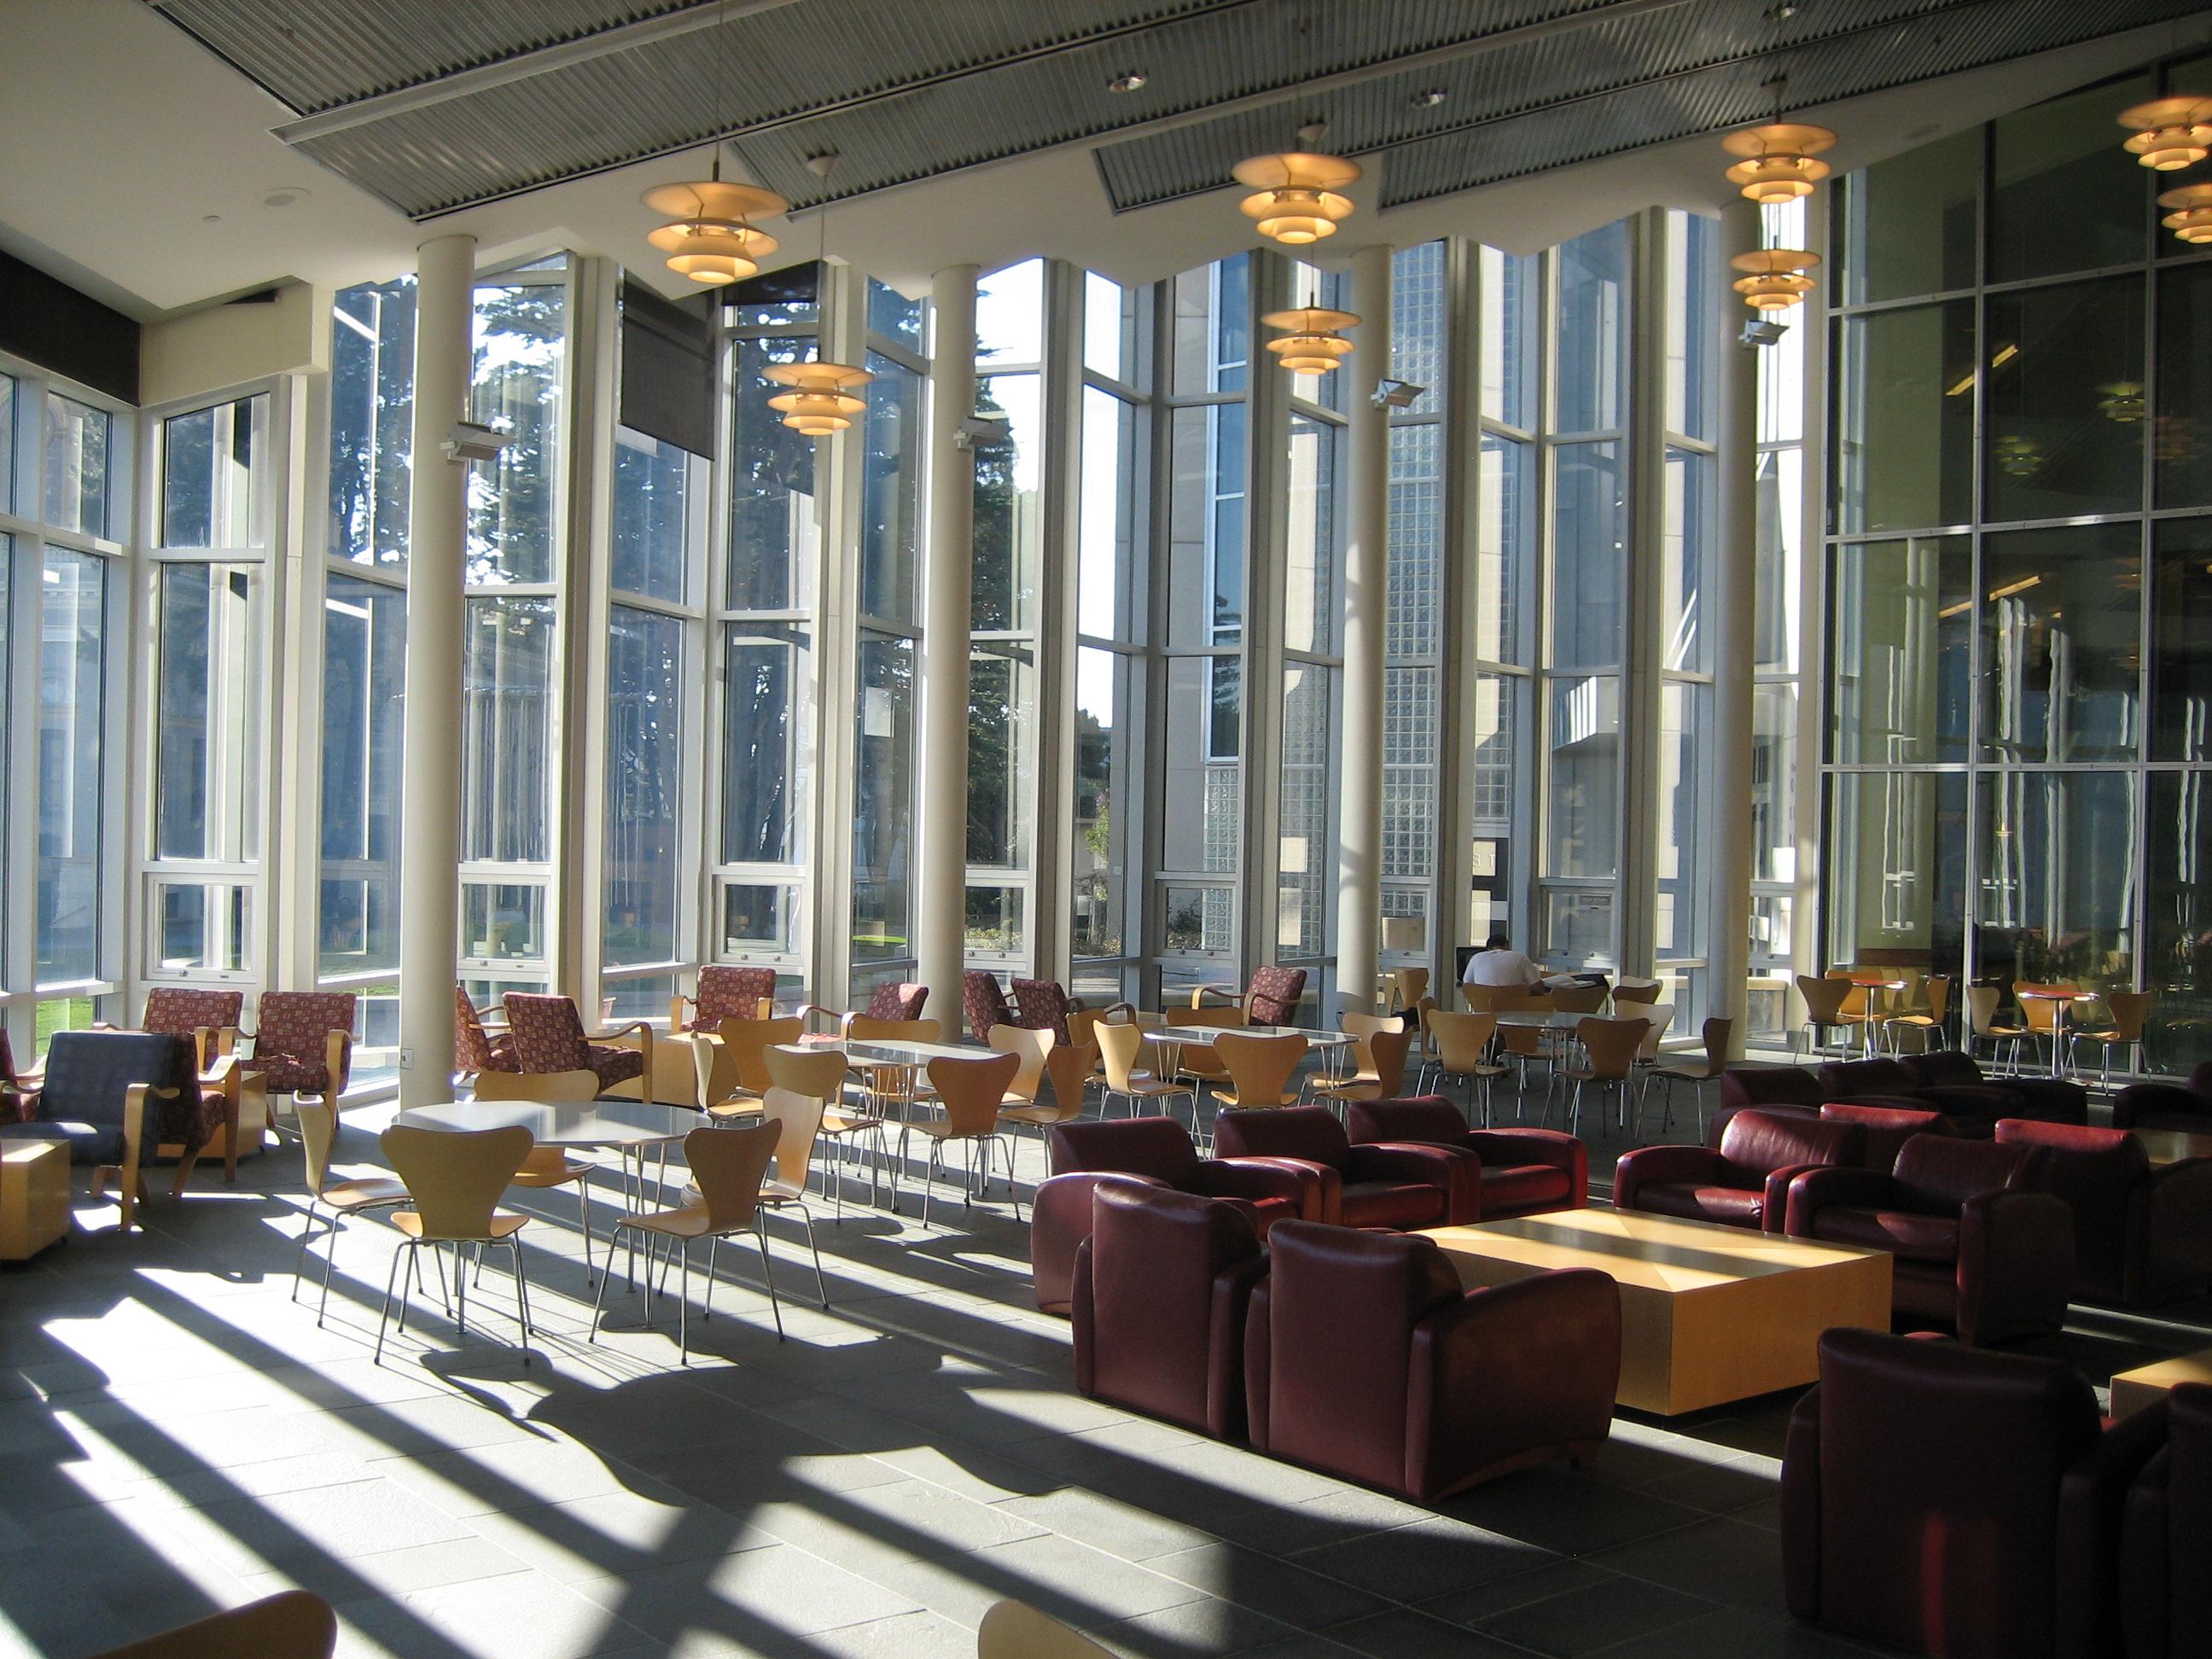 Interior Design California University